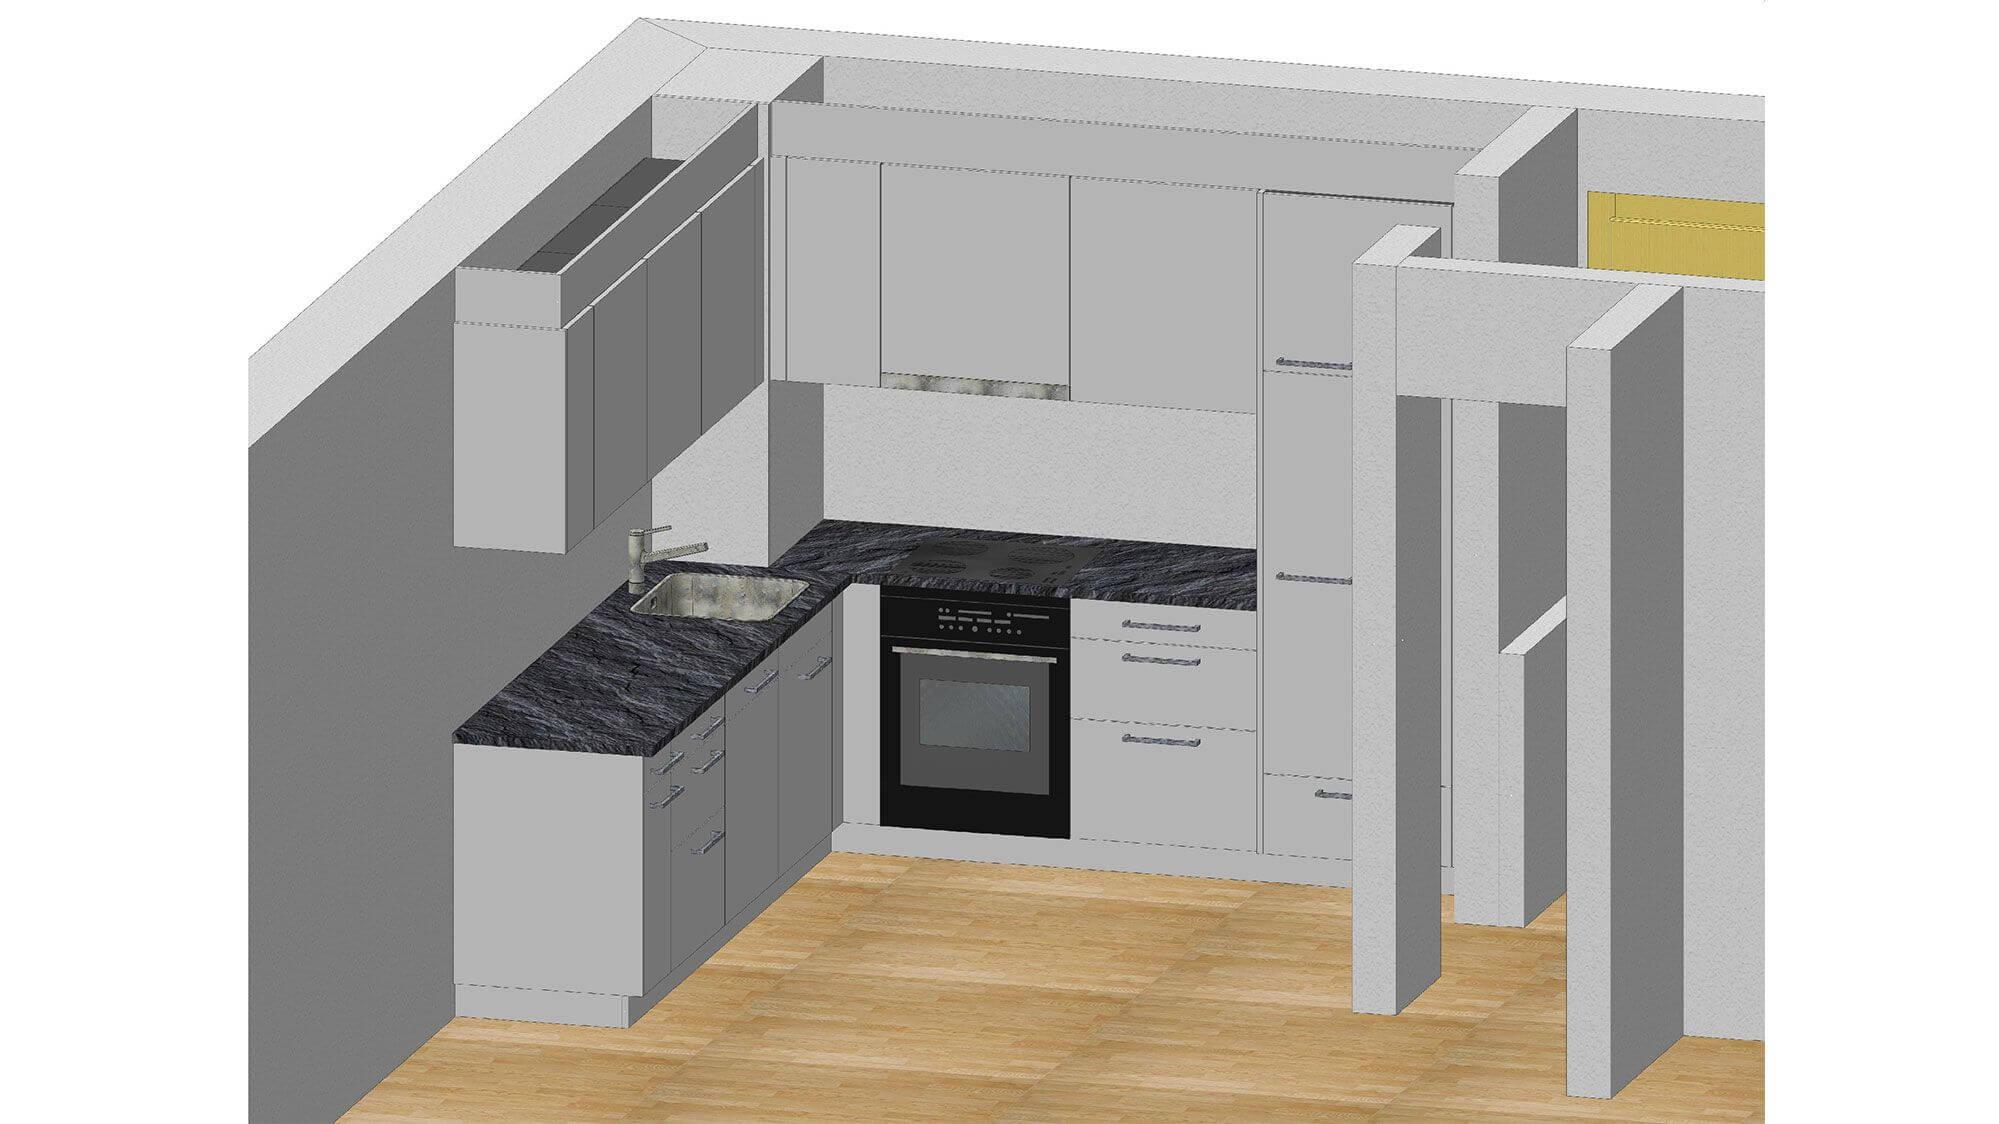 Eilinger Holz Küchenvisualisierung